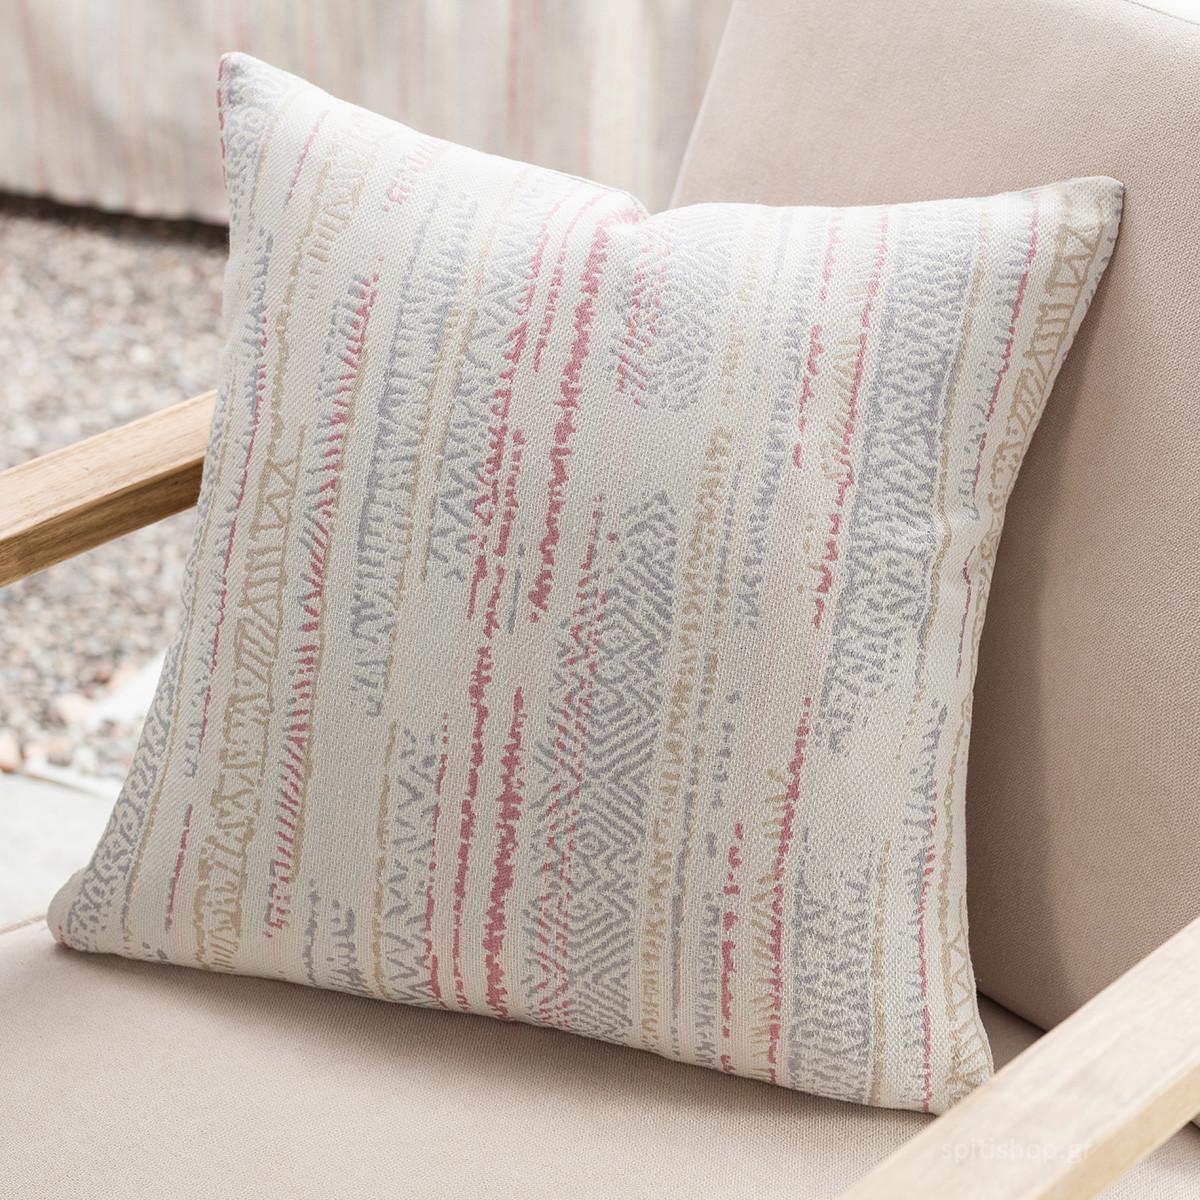 Διακοσμητική Μαξιλαροθήκη (50×50) Gofis Home Flair PinkGrey 857/17